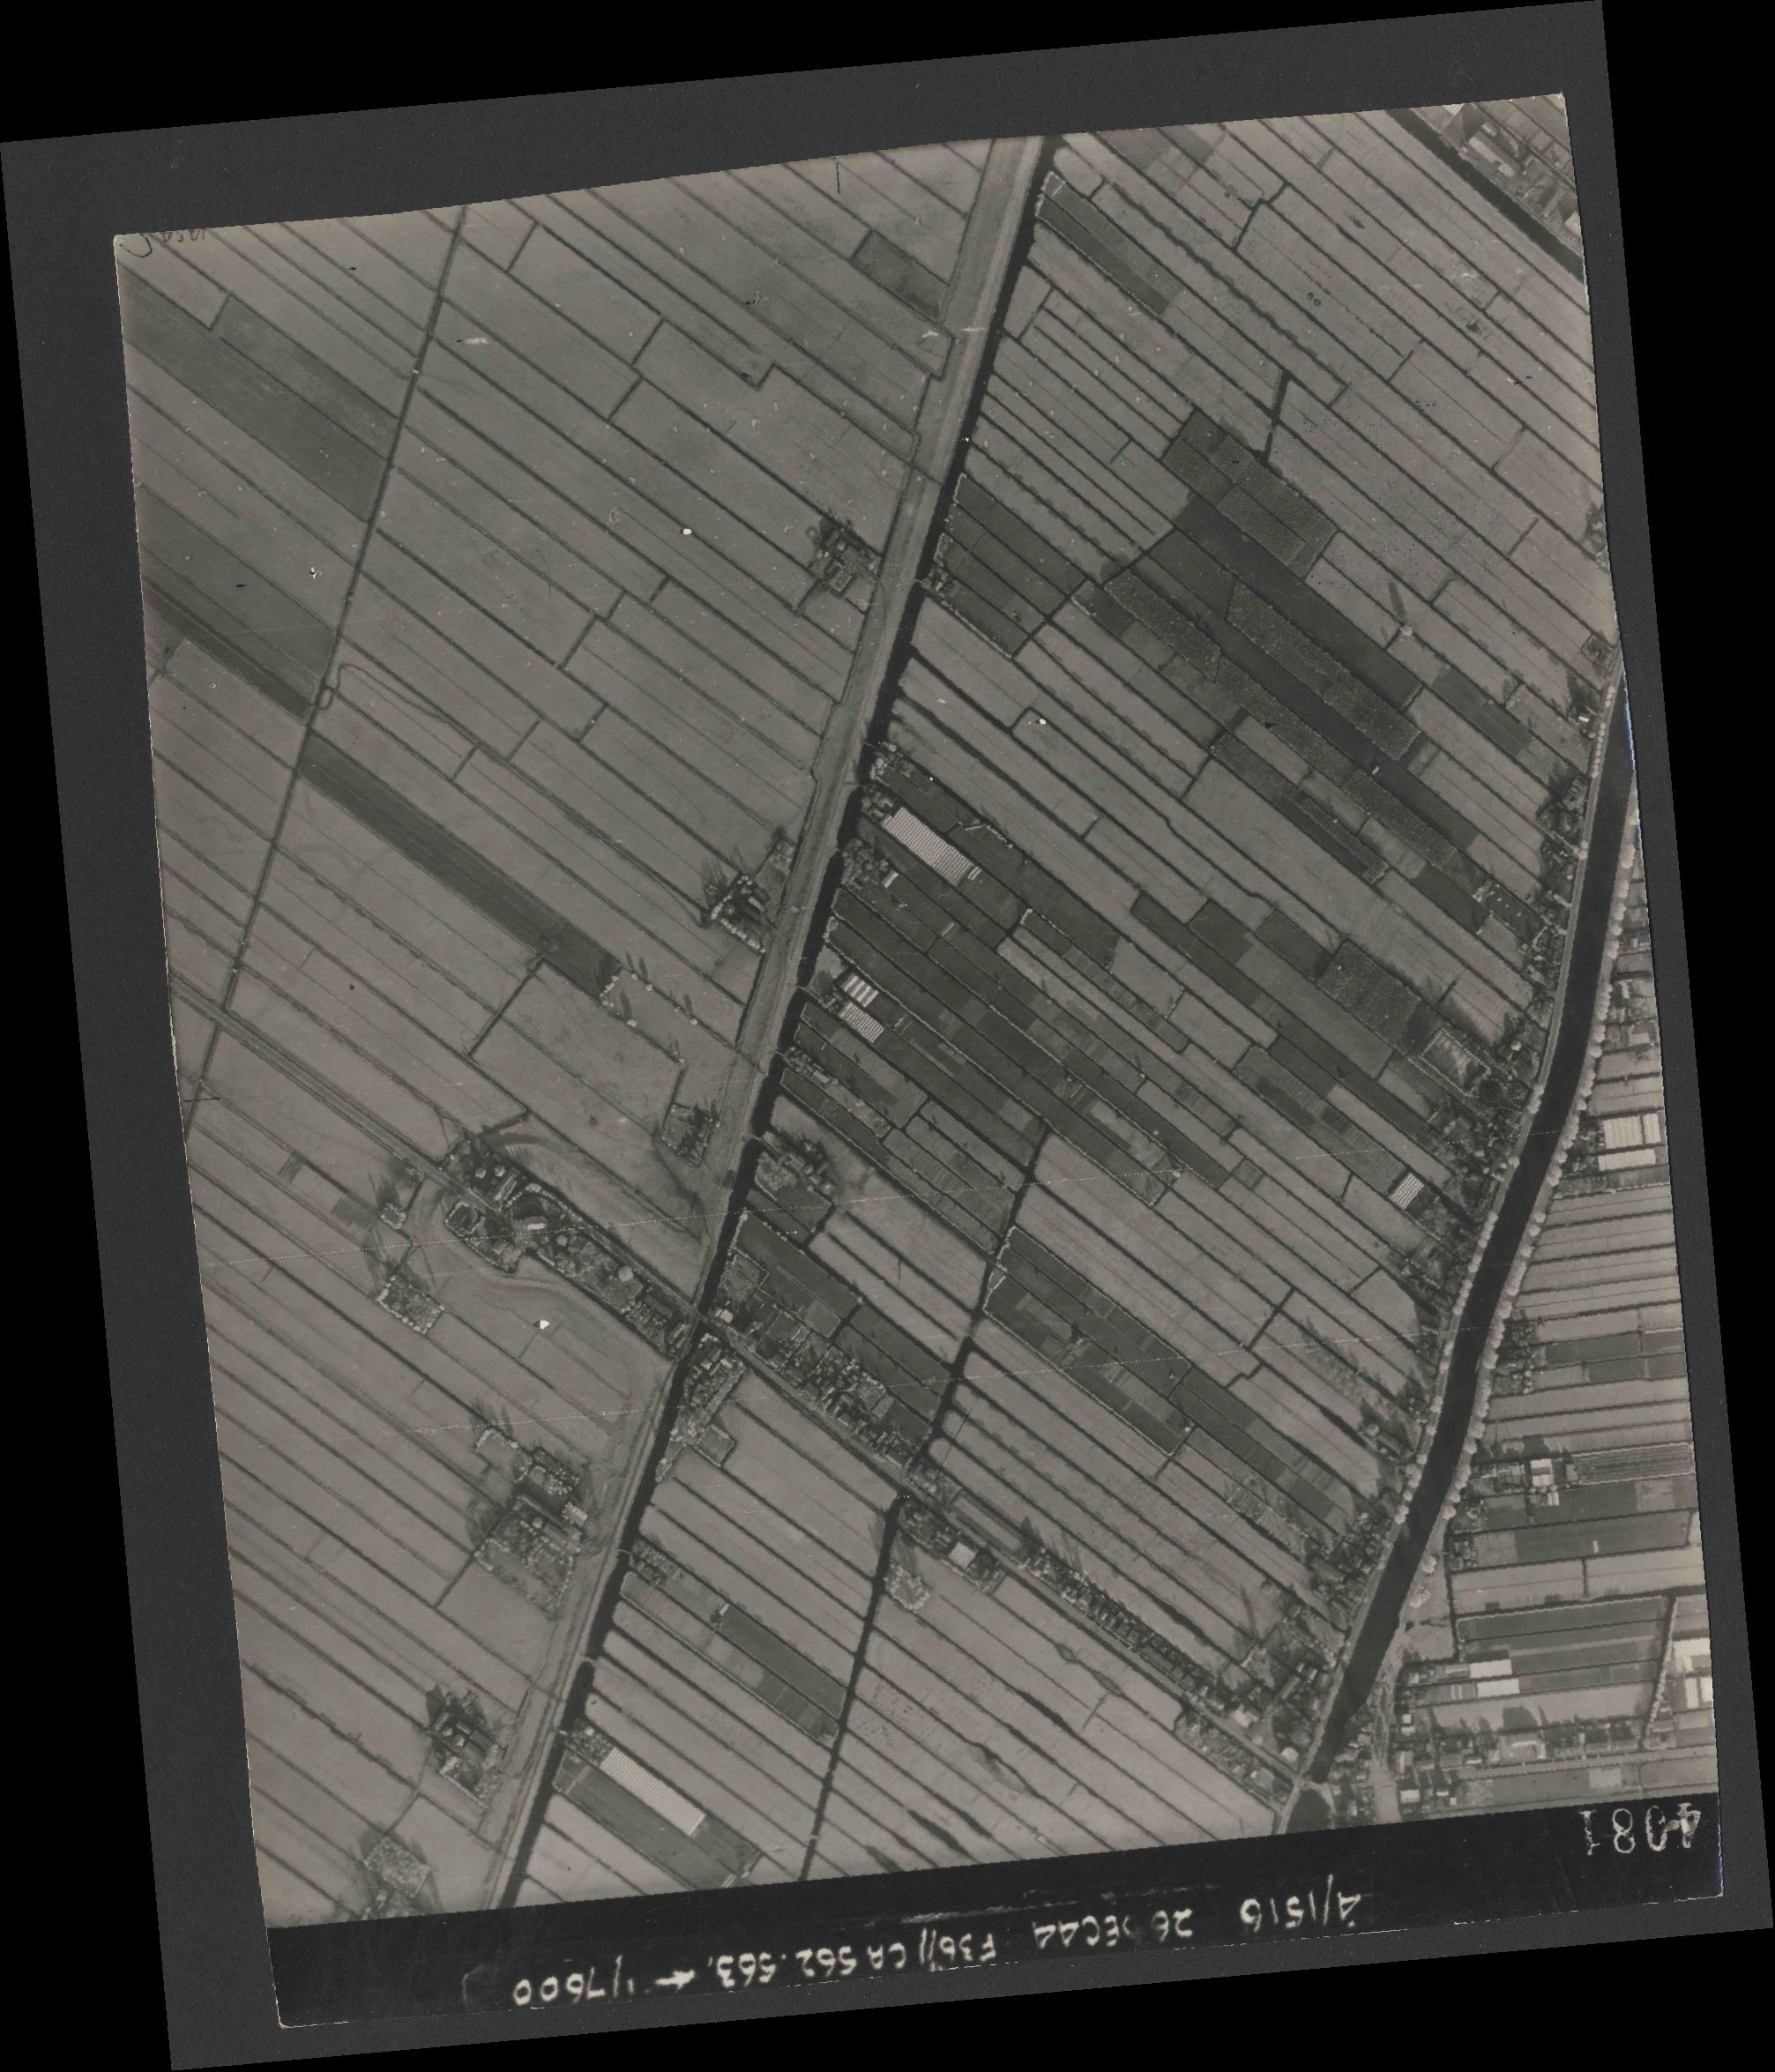 Collection RAF aerial photos 1940-1945 - flight 152, run 05, photo 4081